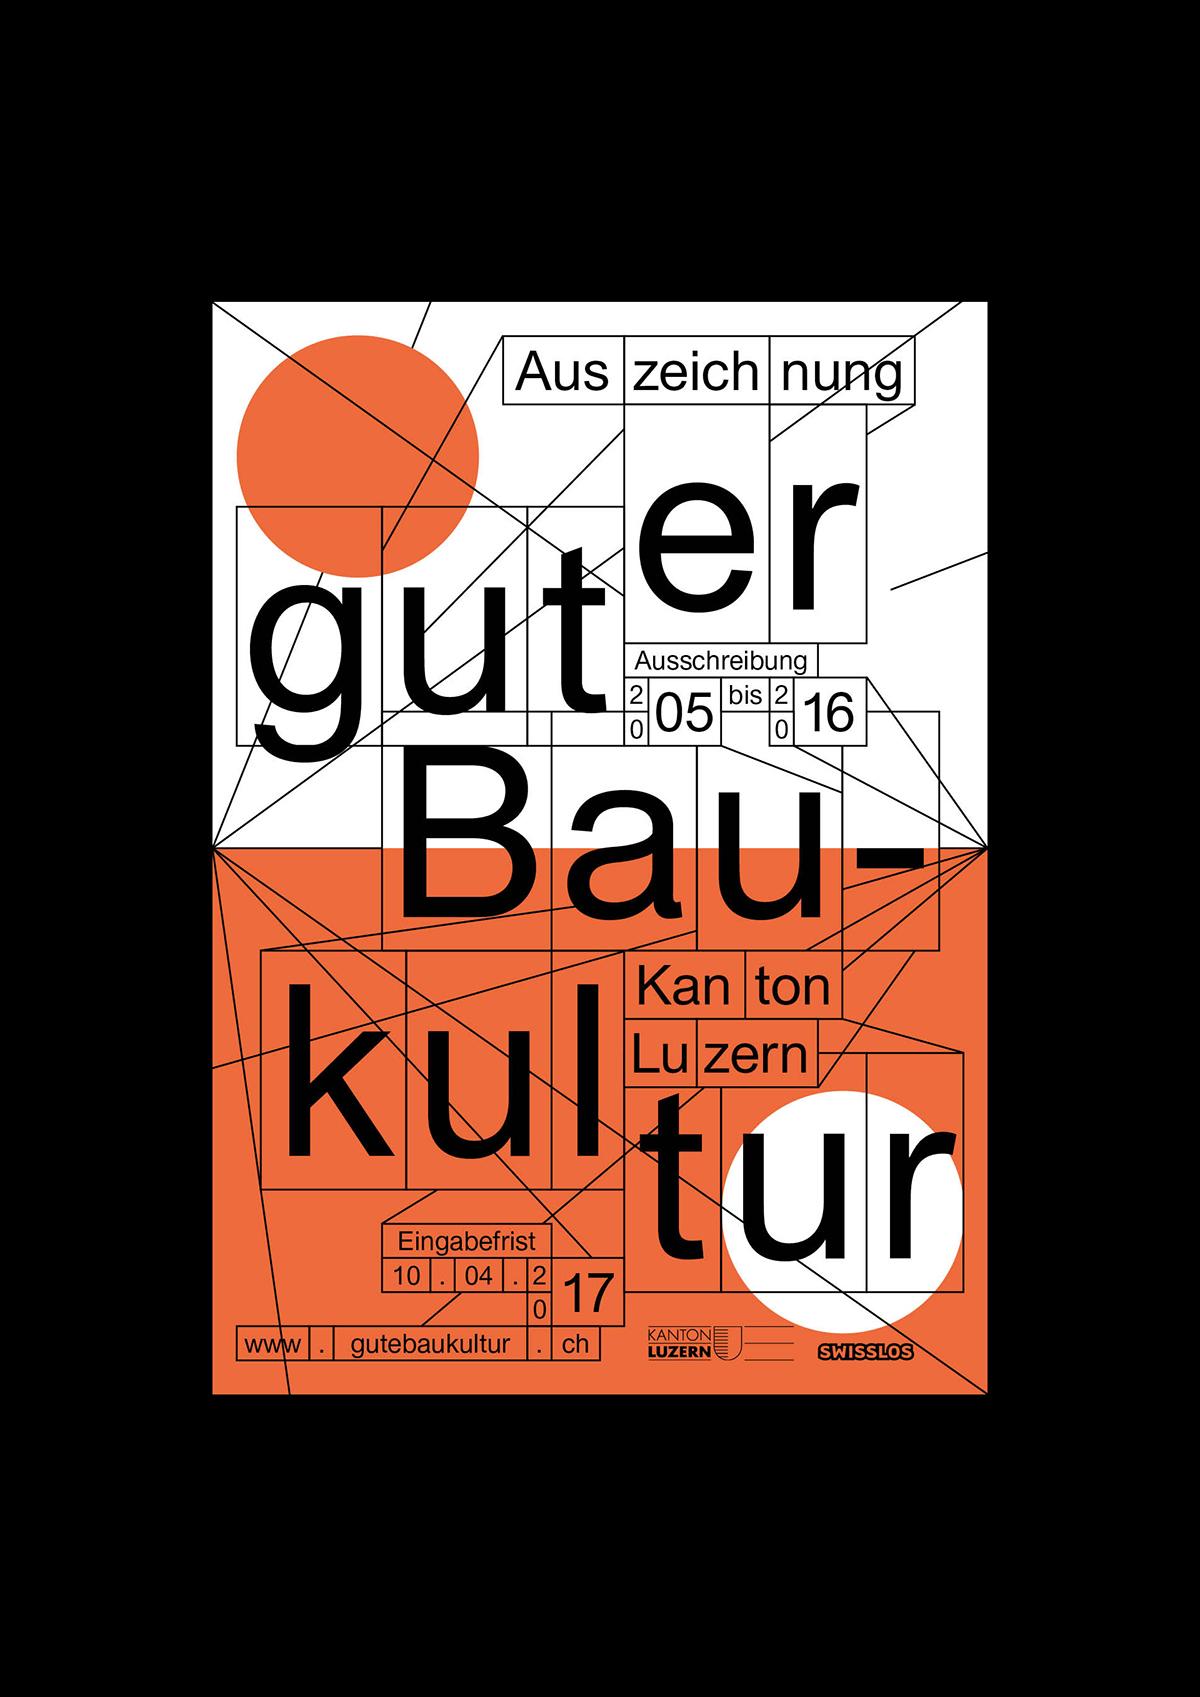 Luzern baukultur Präsens Büro Switzerland